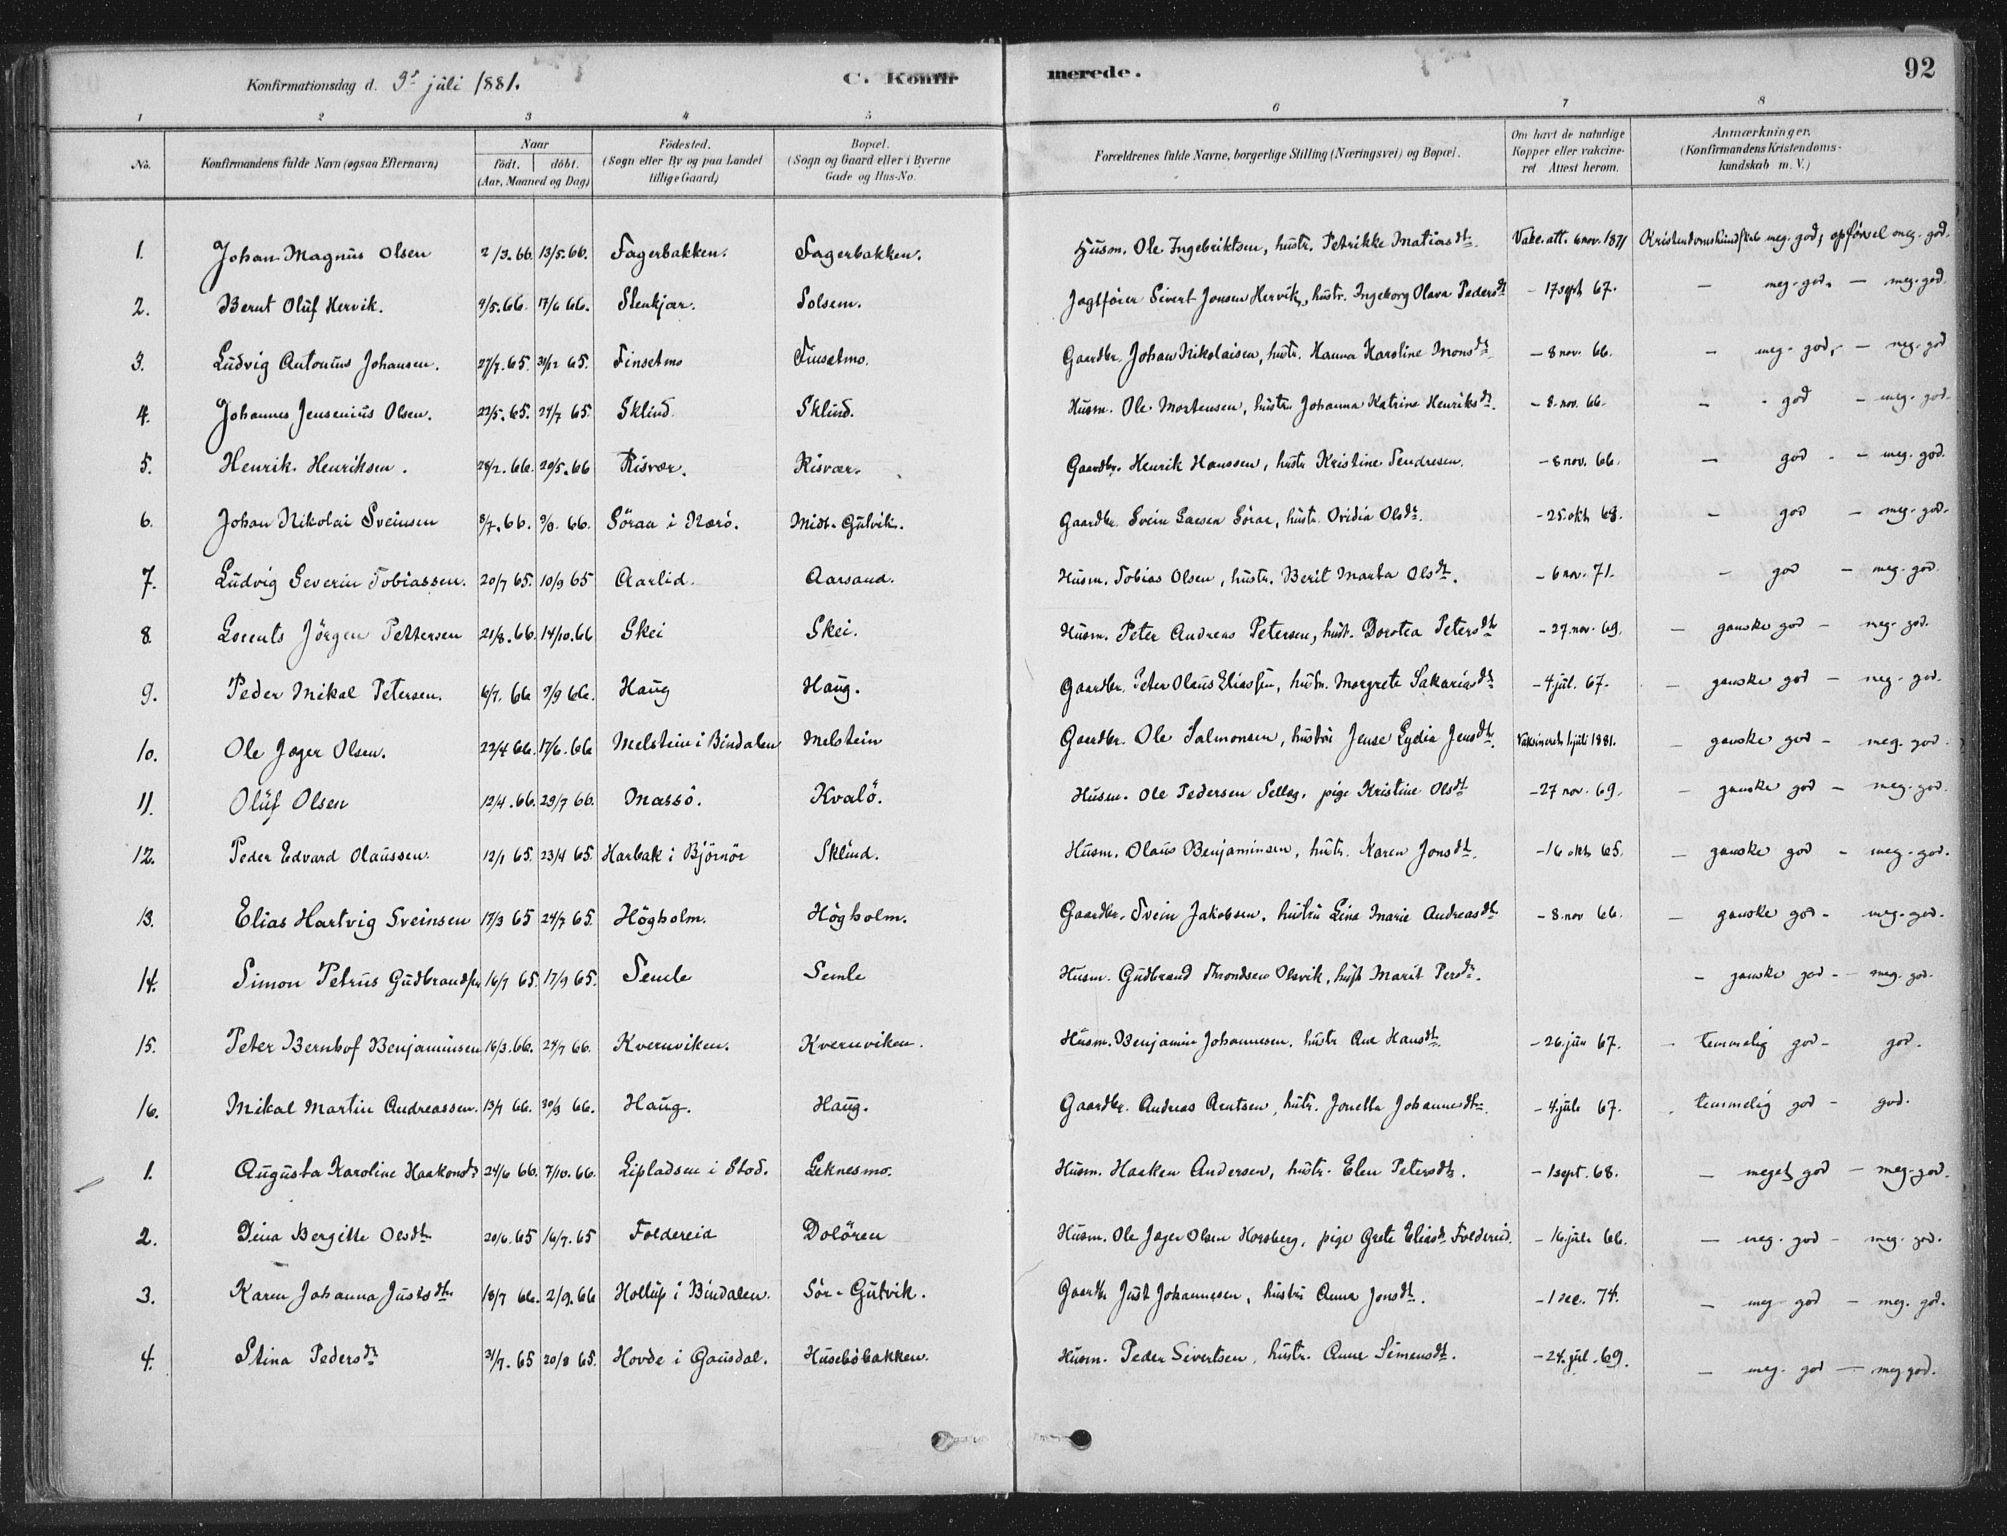 SAT, Ministerialprotokoller, klokkerbøker og fødselsregistre - Nord-Trøndelag, 788/L0697: Ministerialbok nr. 788A04, 1878-1902, s. 92